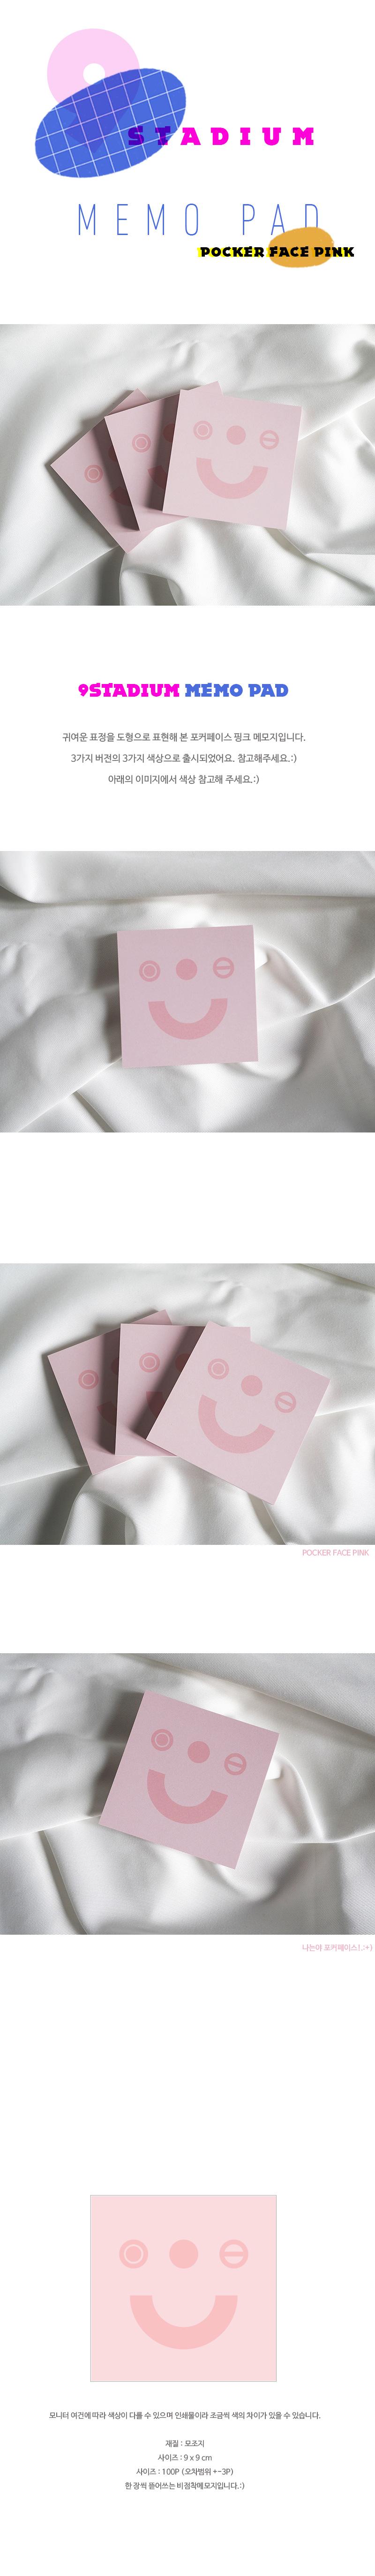 메모지 - Pockerface pink - 포커페이스 핑크 - 라이프스타디움, 2,500원, 메모/점착메모, 메모지